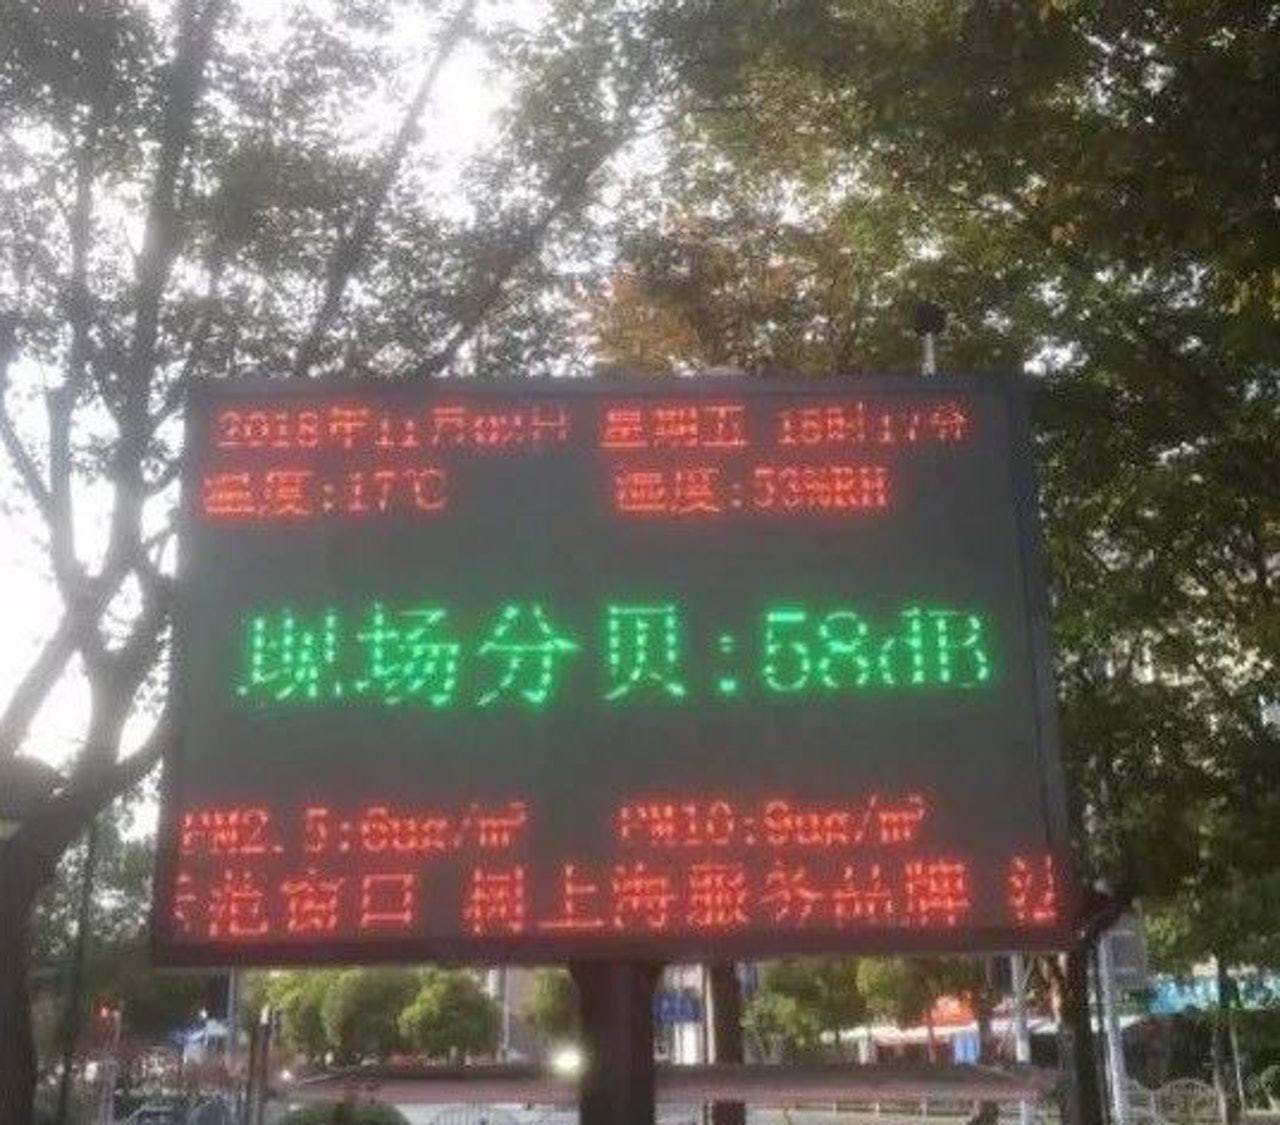 監測系統會在音量超標時發出警告。 圖/取自上海大調研